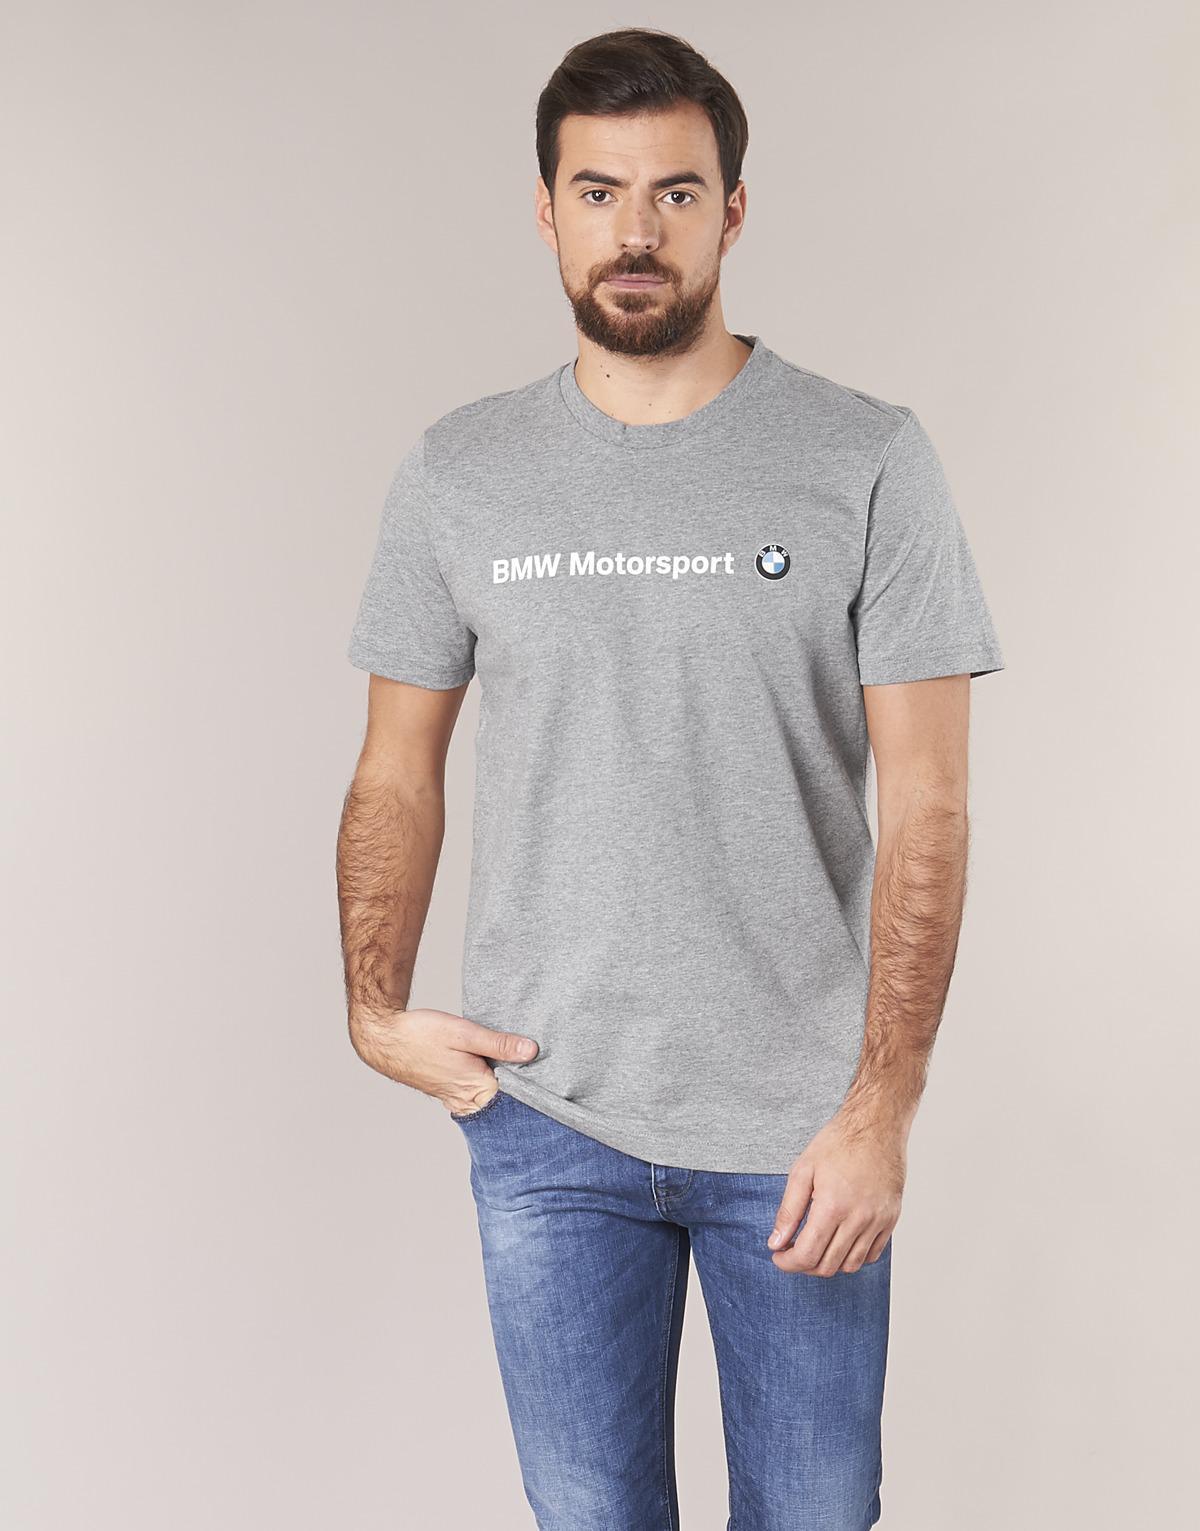 c1fbd491 PUMA Bmw Msp Logo Tee T Shirt in Gray for Men - Lyst